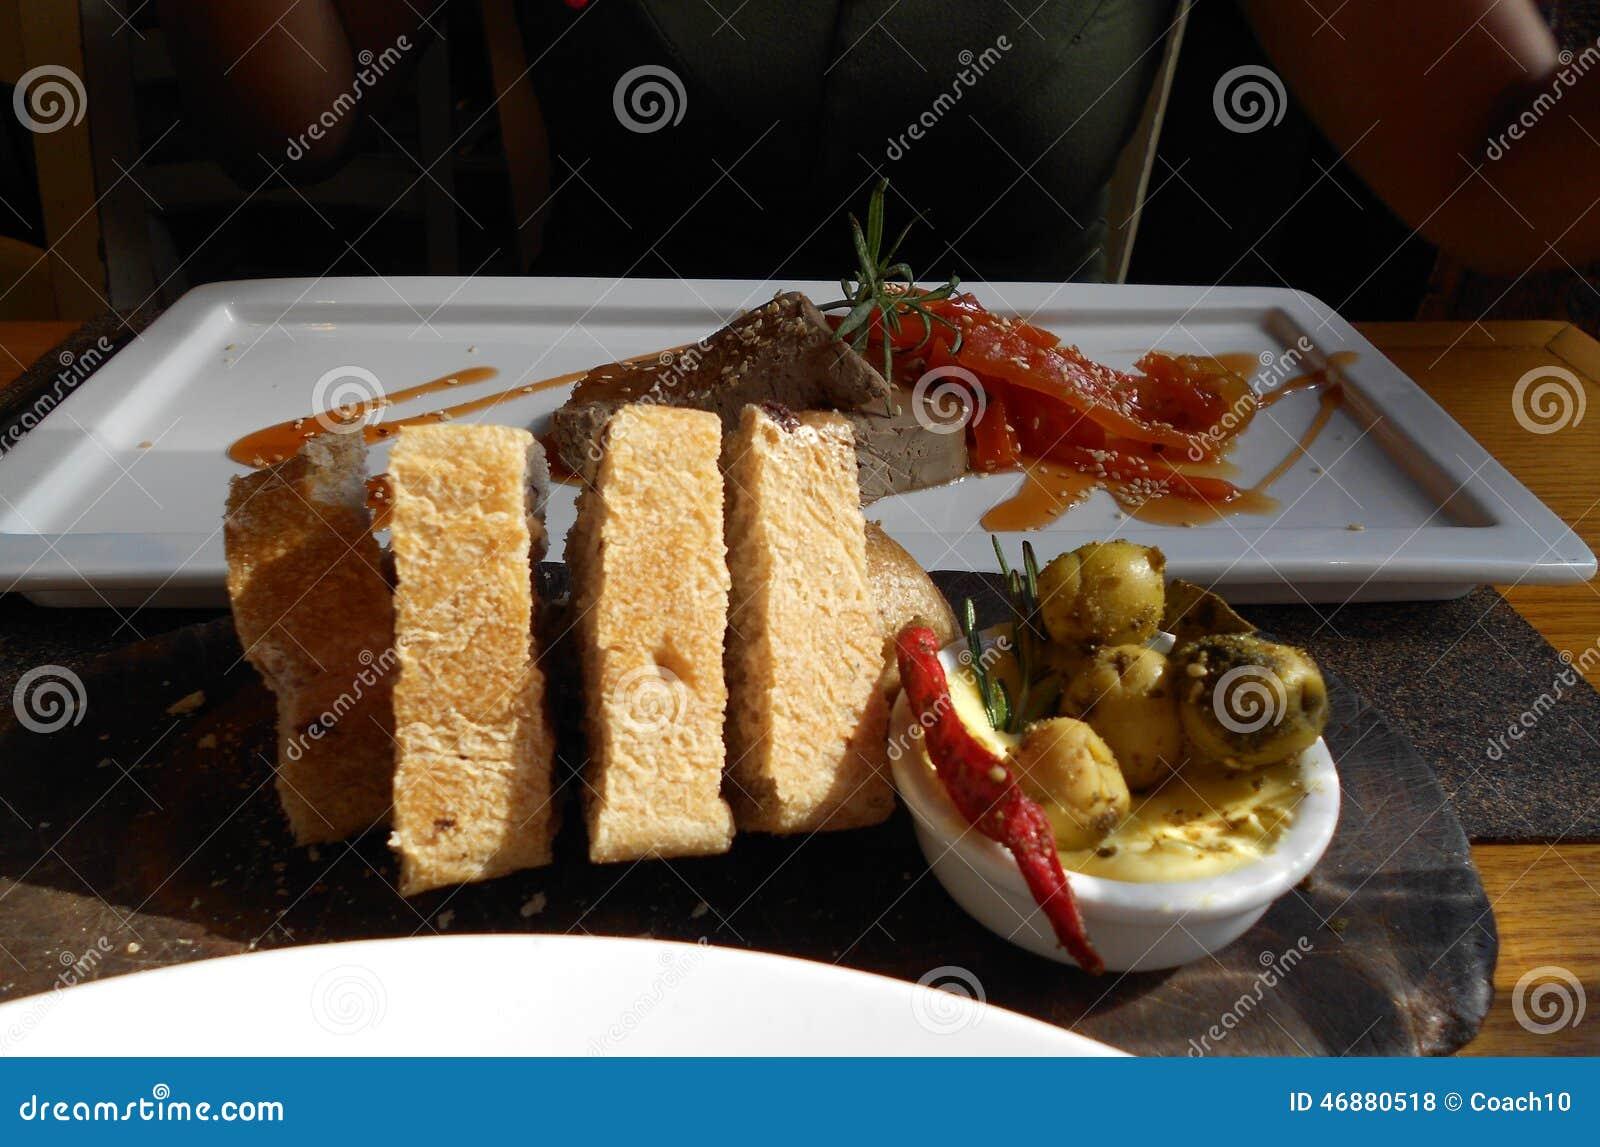 Ein Geburtstag Gourment Abendessen Stockfoto Bild Von Freude